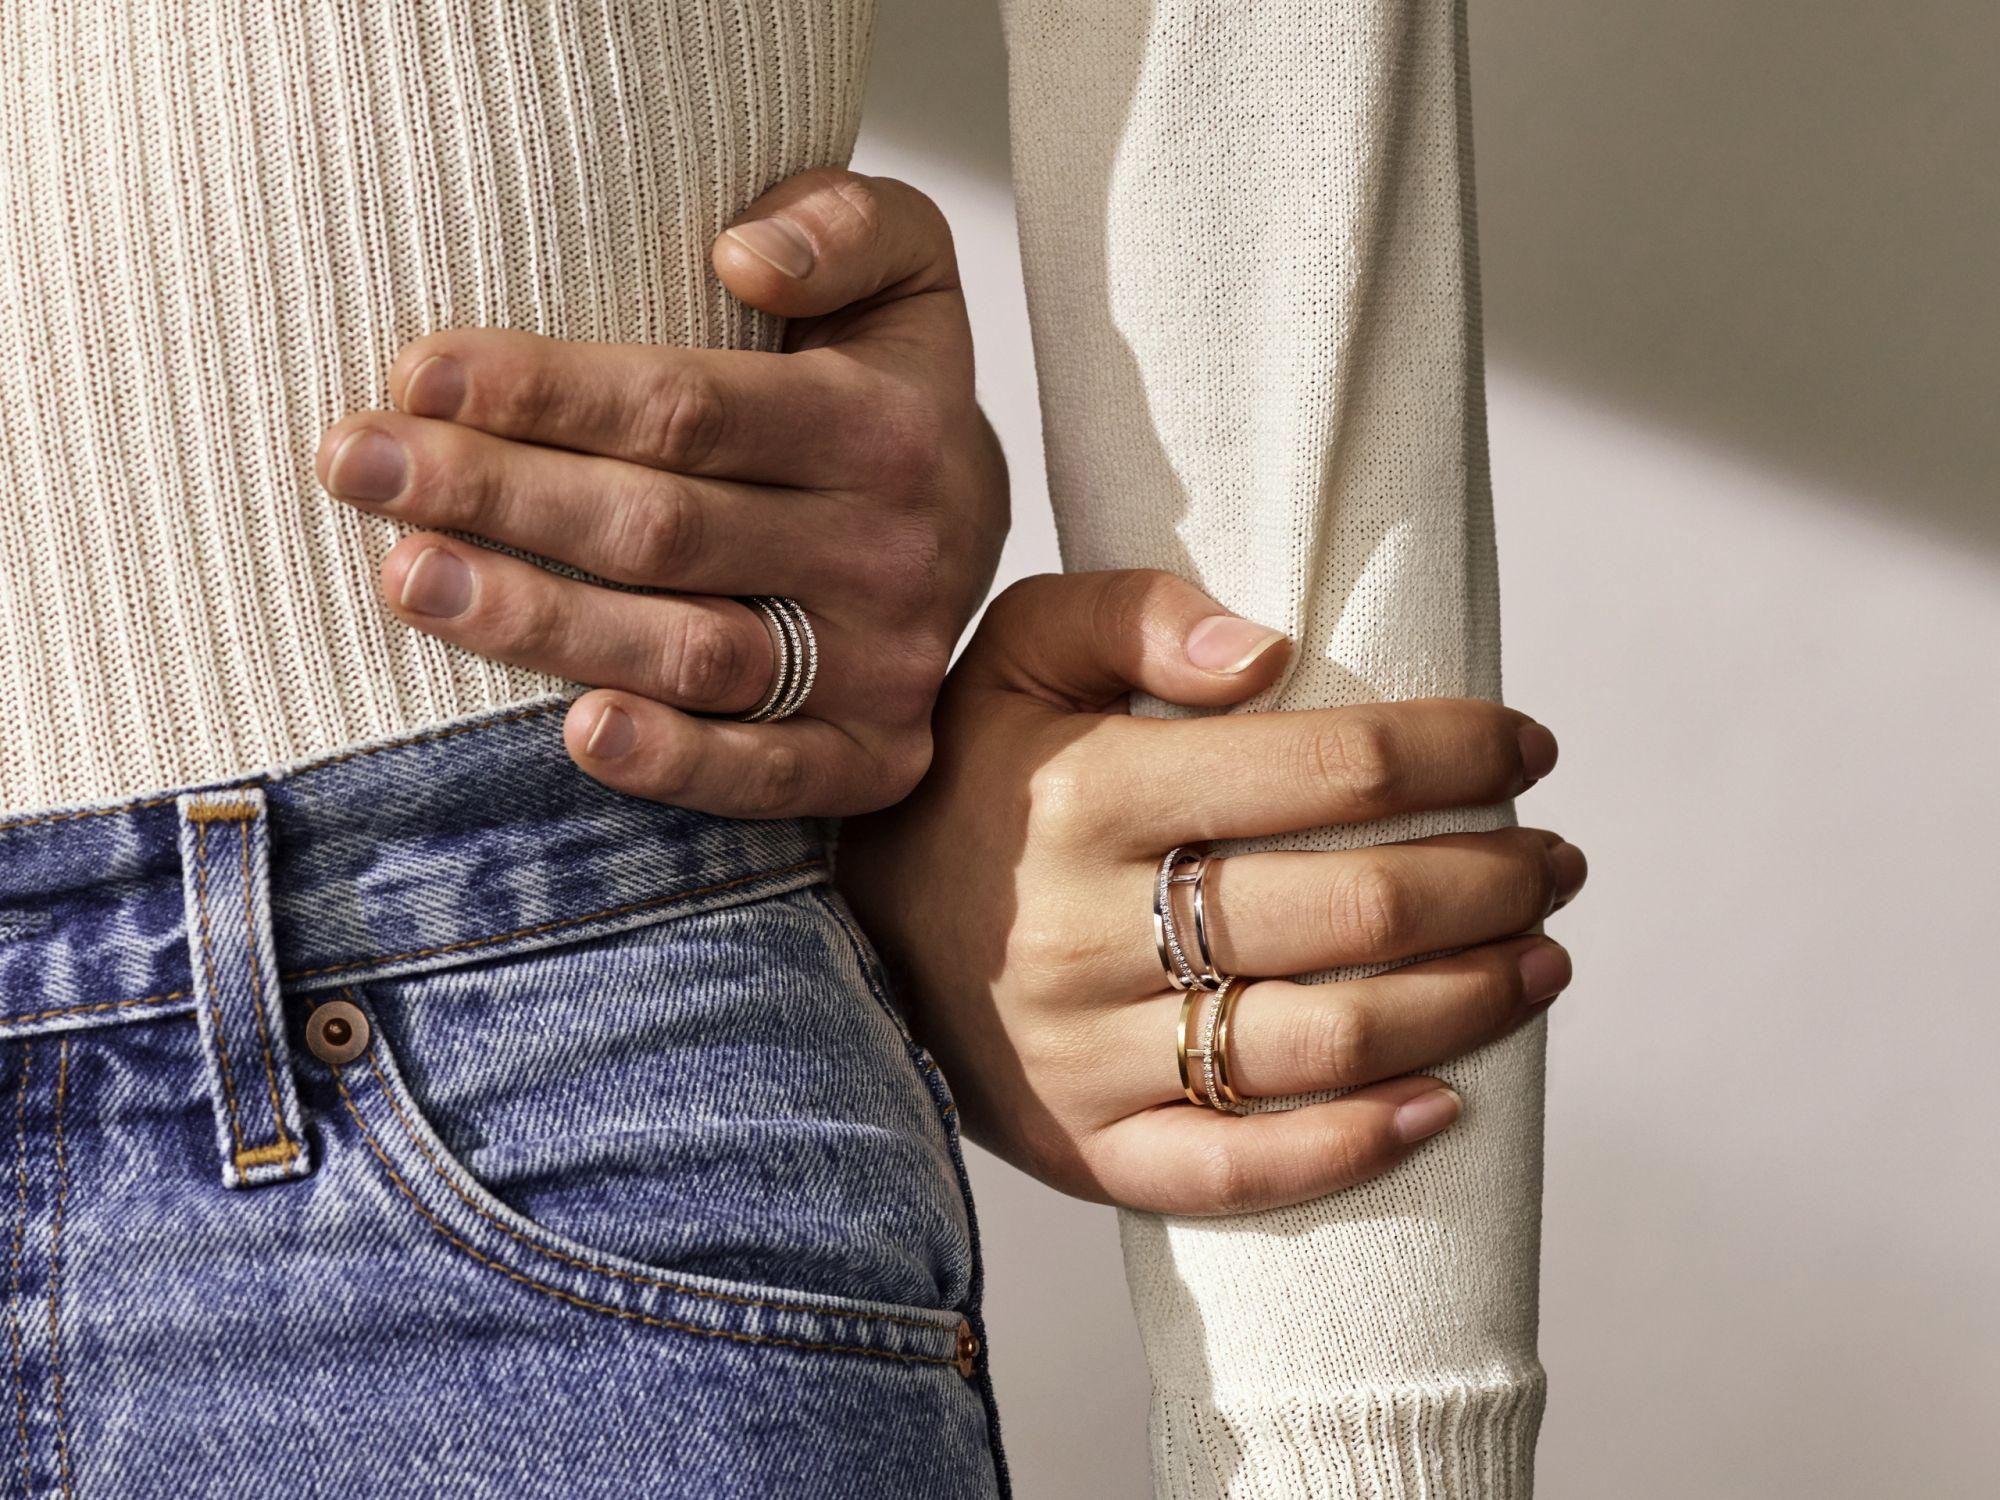 情人節禮物零失誤!用簡單的線條致敬純粹的愛,De Beers全新Horizon系列珠寶玩轉情人浪漫情話